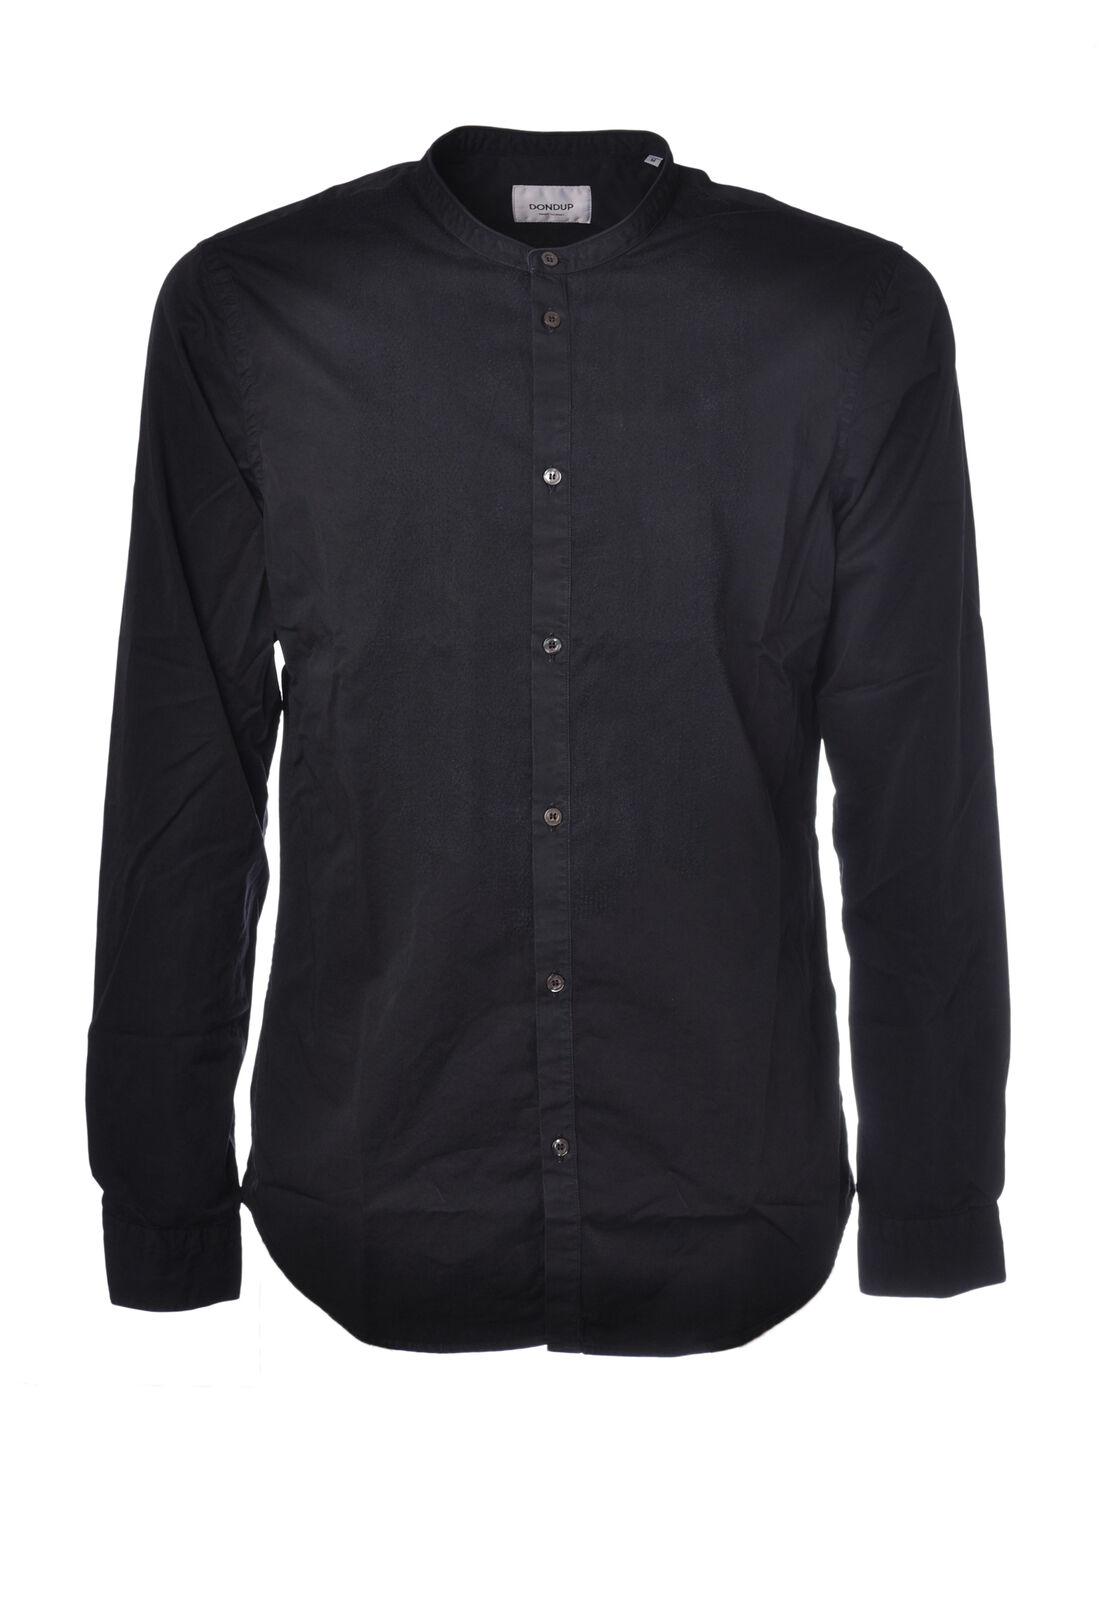 Dondup - Shirts, Shirts, Korean - Man - Blau - 5049821G184203